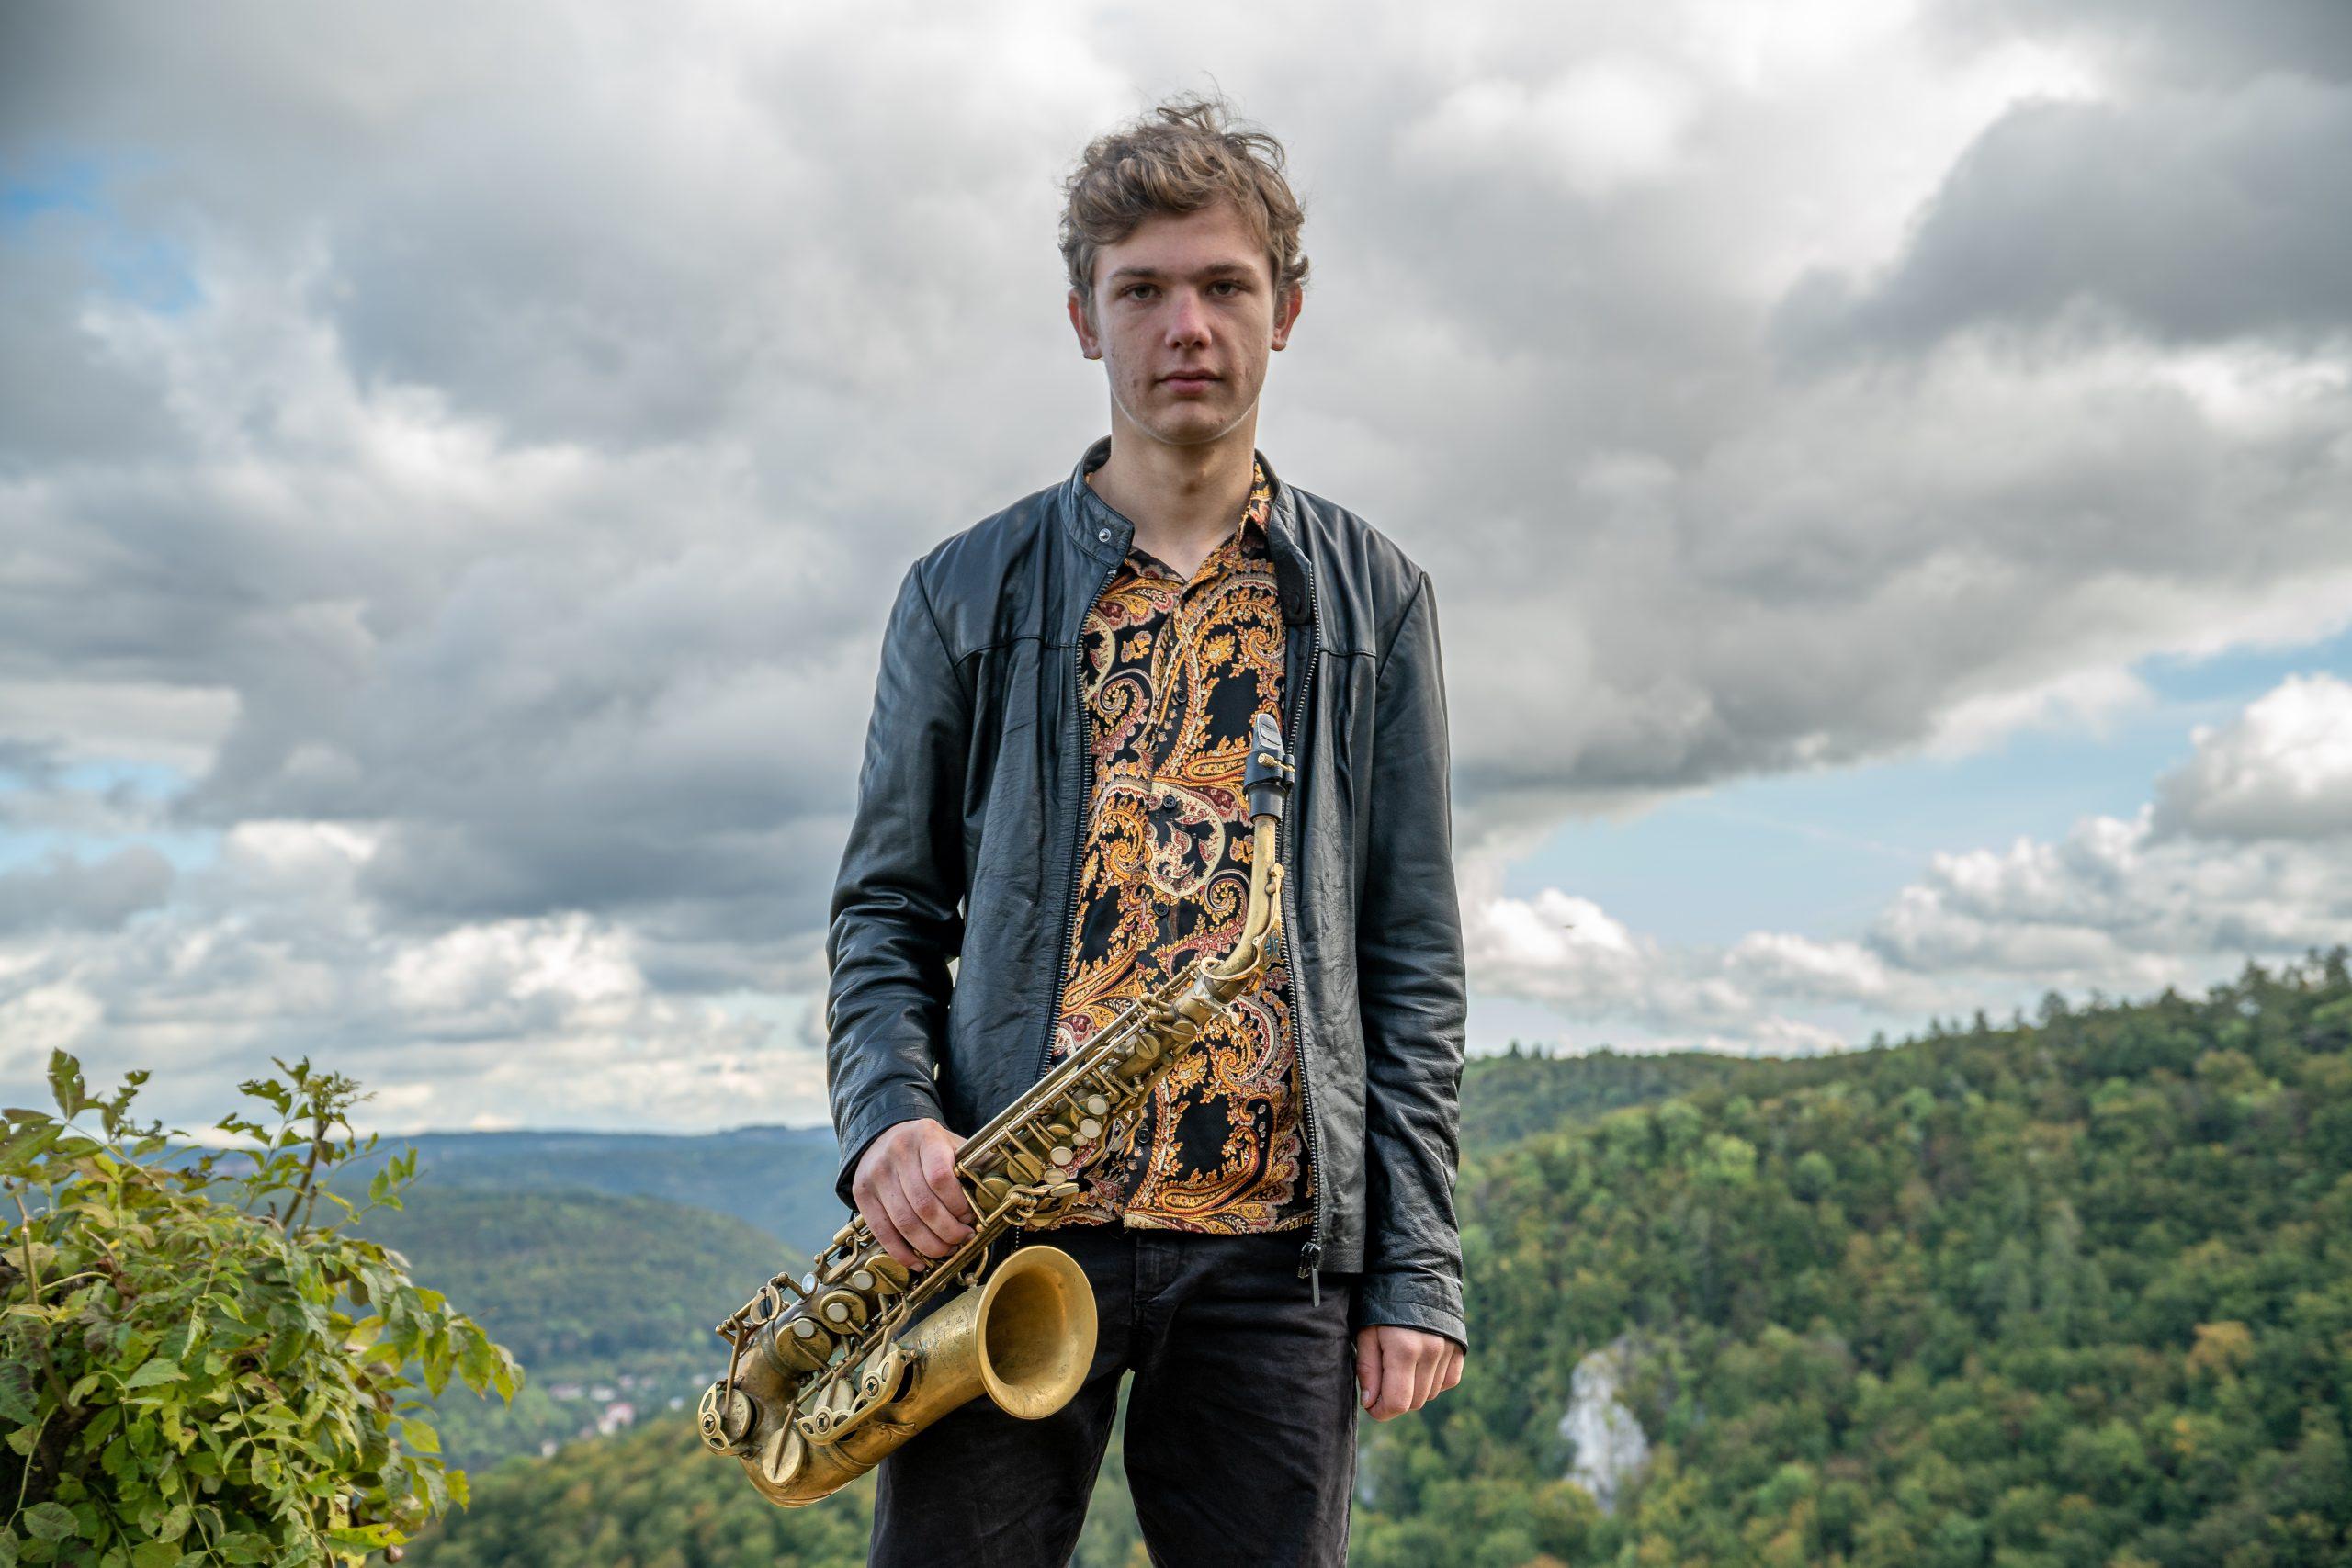 Jakob Manz mit Saxophon vor dem Panorama der schwäbischen Alb